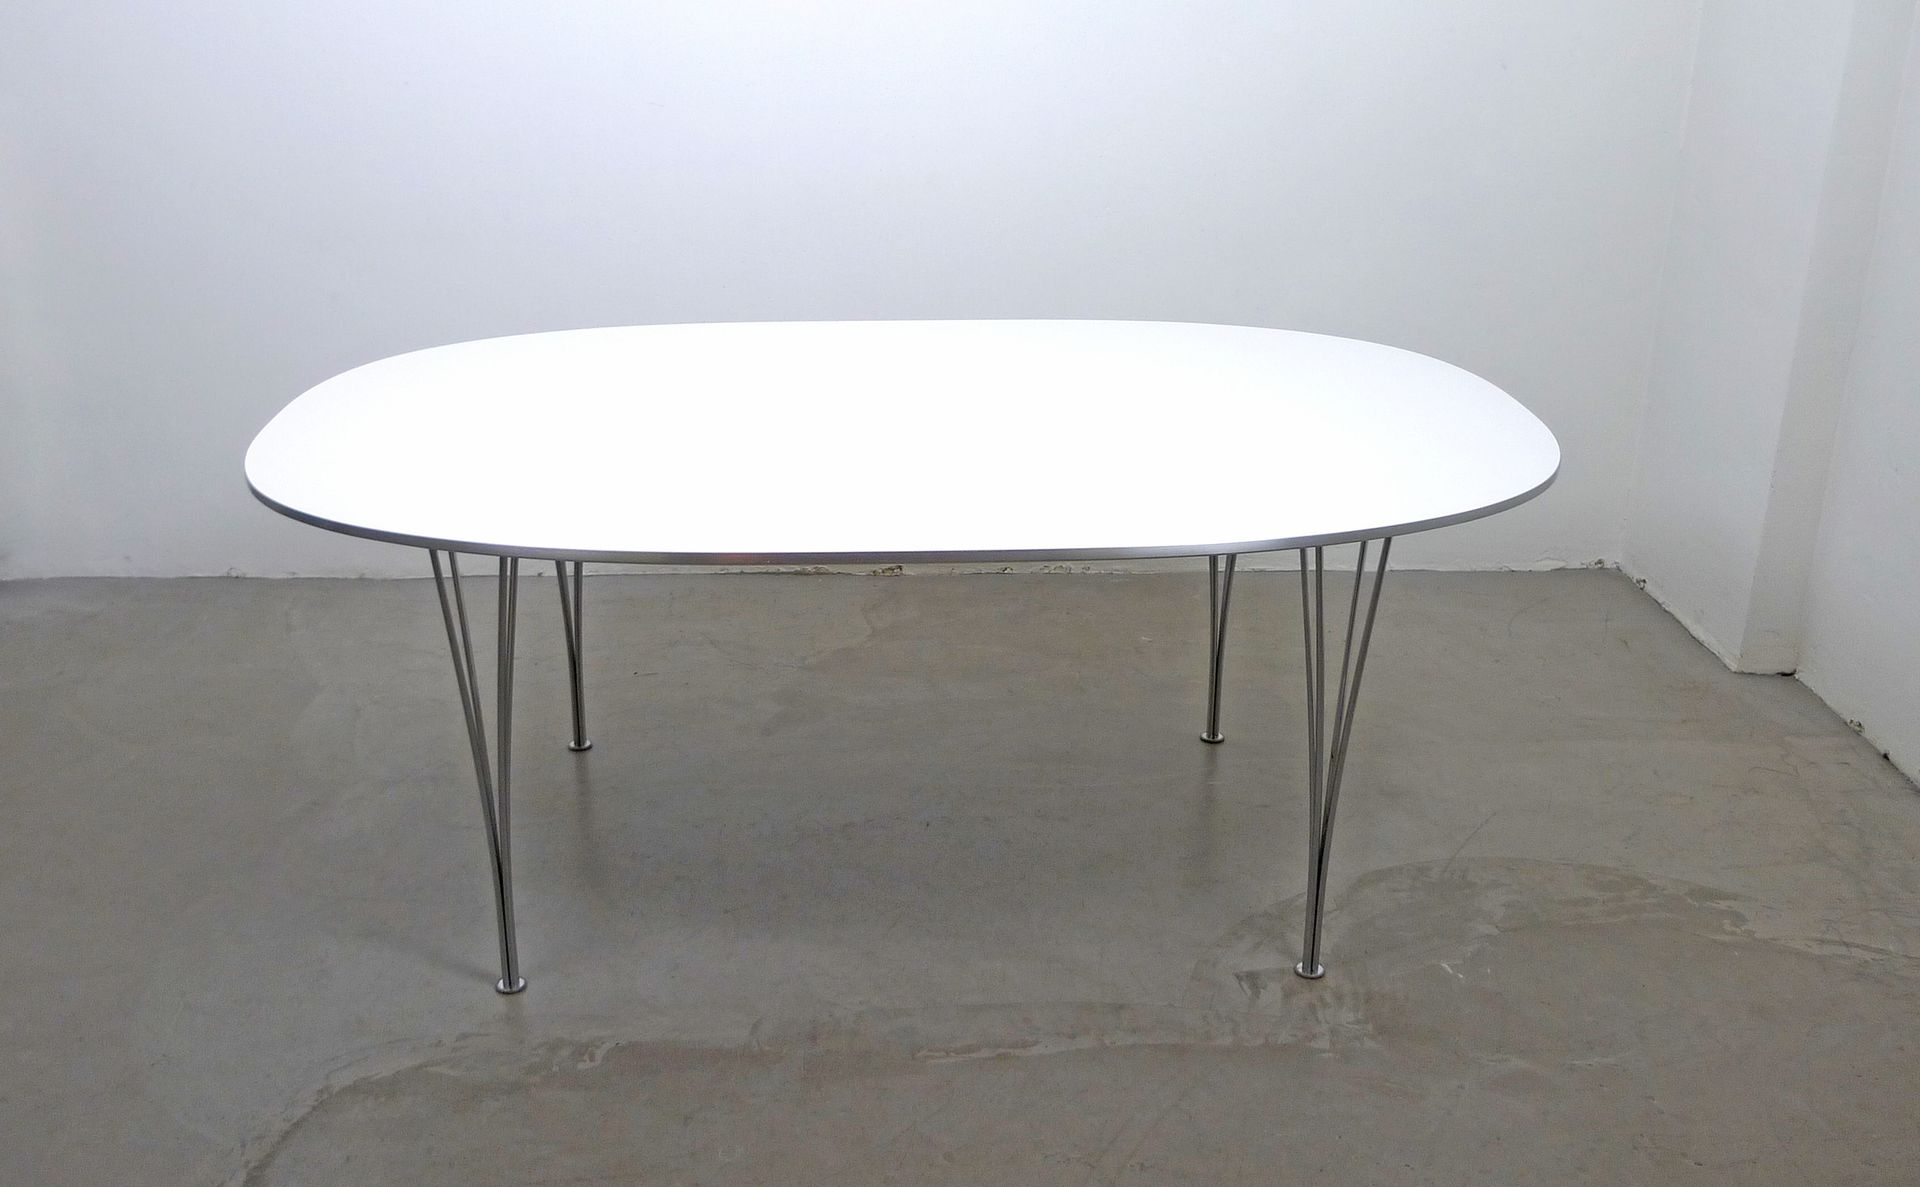 Skandinavischer Moderner Elliptical Tisch Von Piet Hein, Bruno Mathsson Und  Arne Jacobsen Für Fritz Hansen, 1968